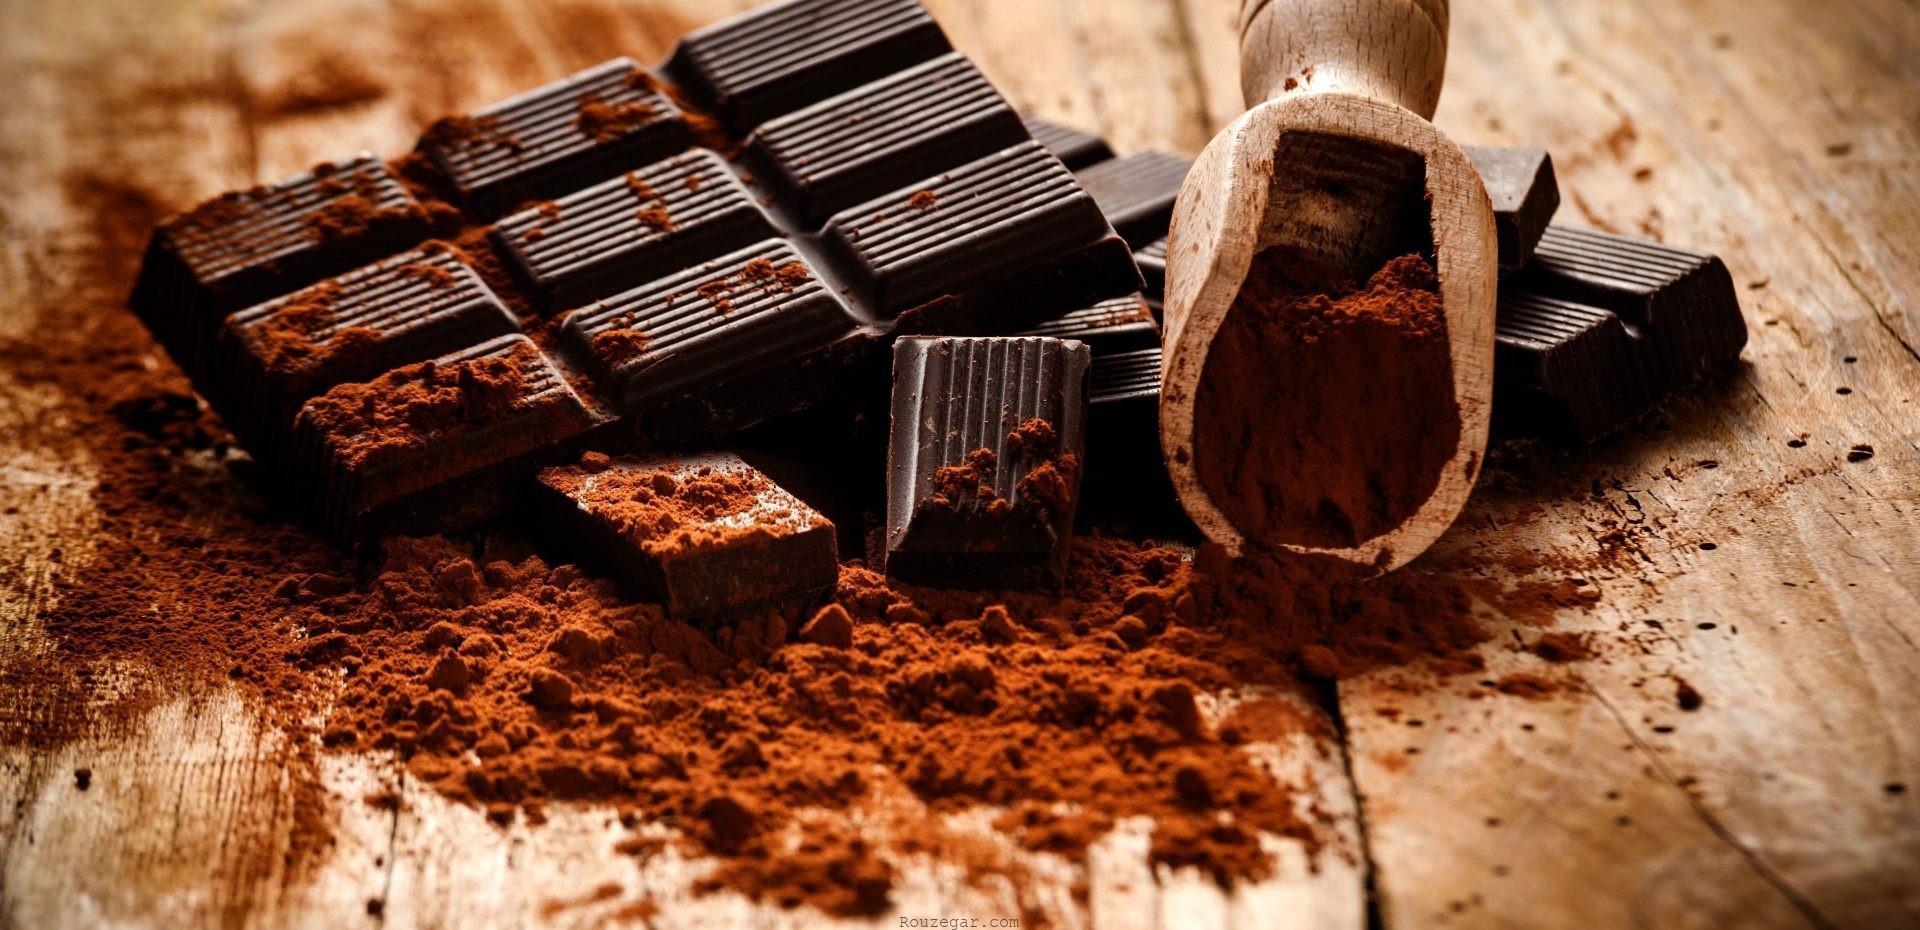 ارزش غذایی و مواد موجود در شکلات تلخ